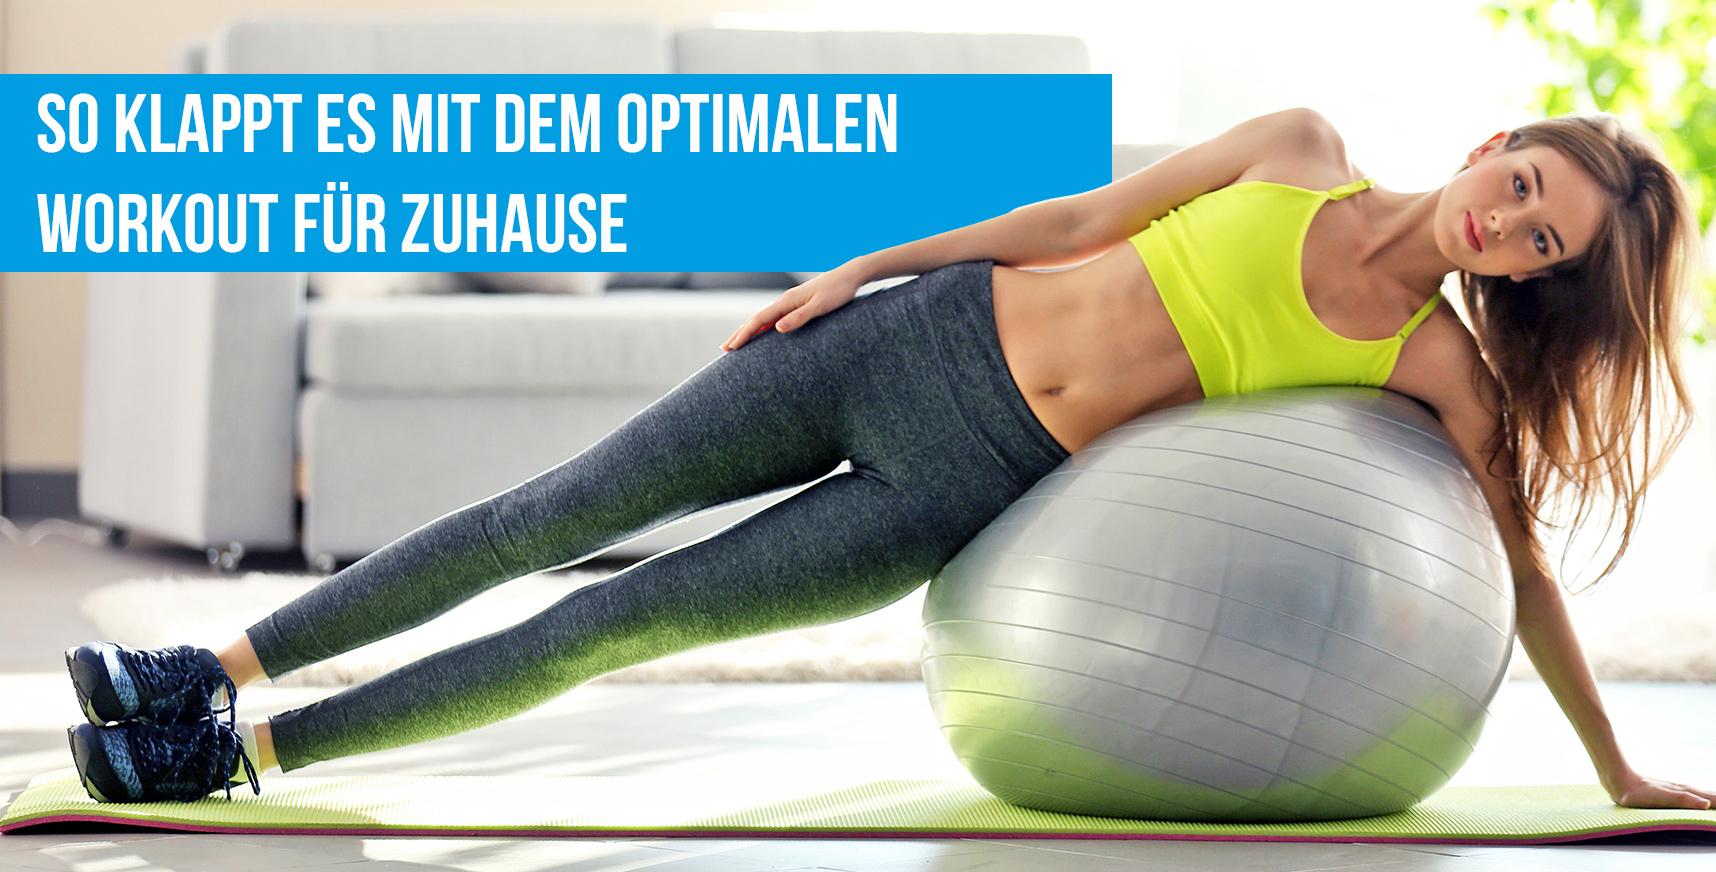 So klappt es mit dem optimalen Workout für Zuhause | ZIVA Fitness Nation